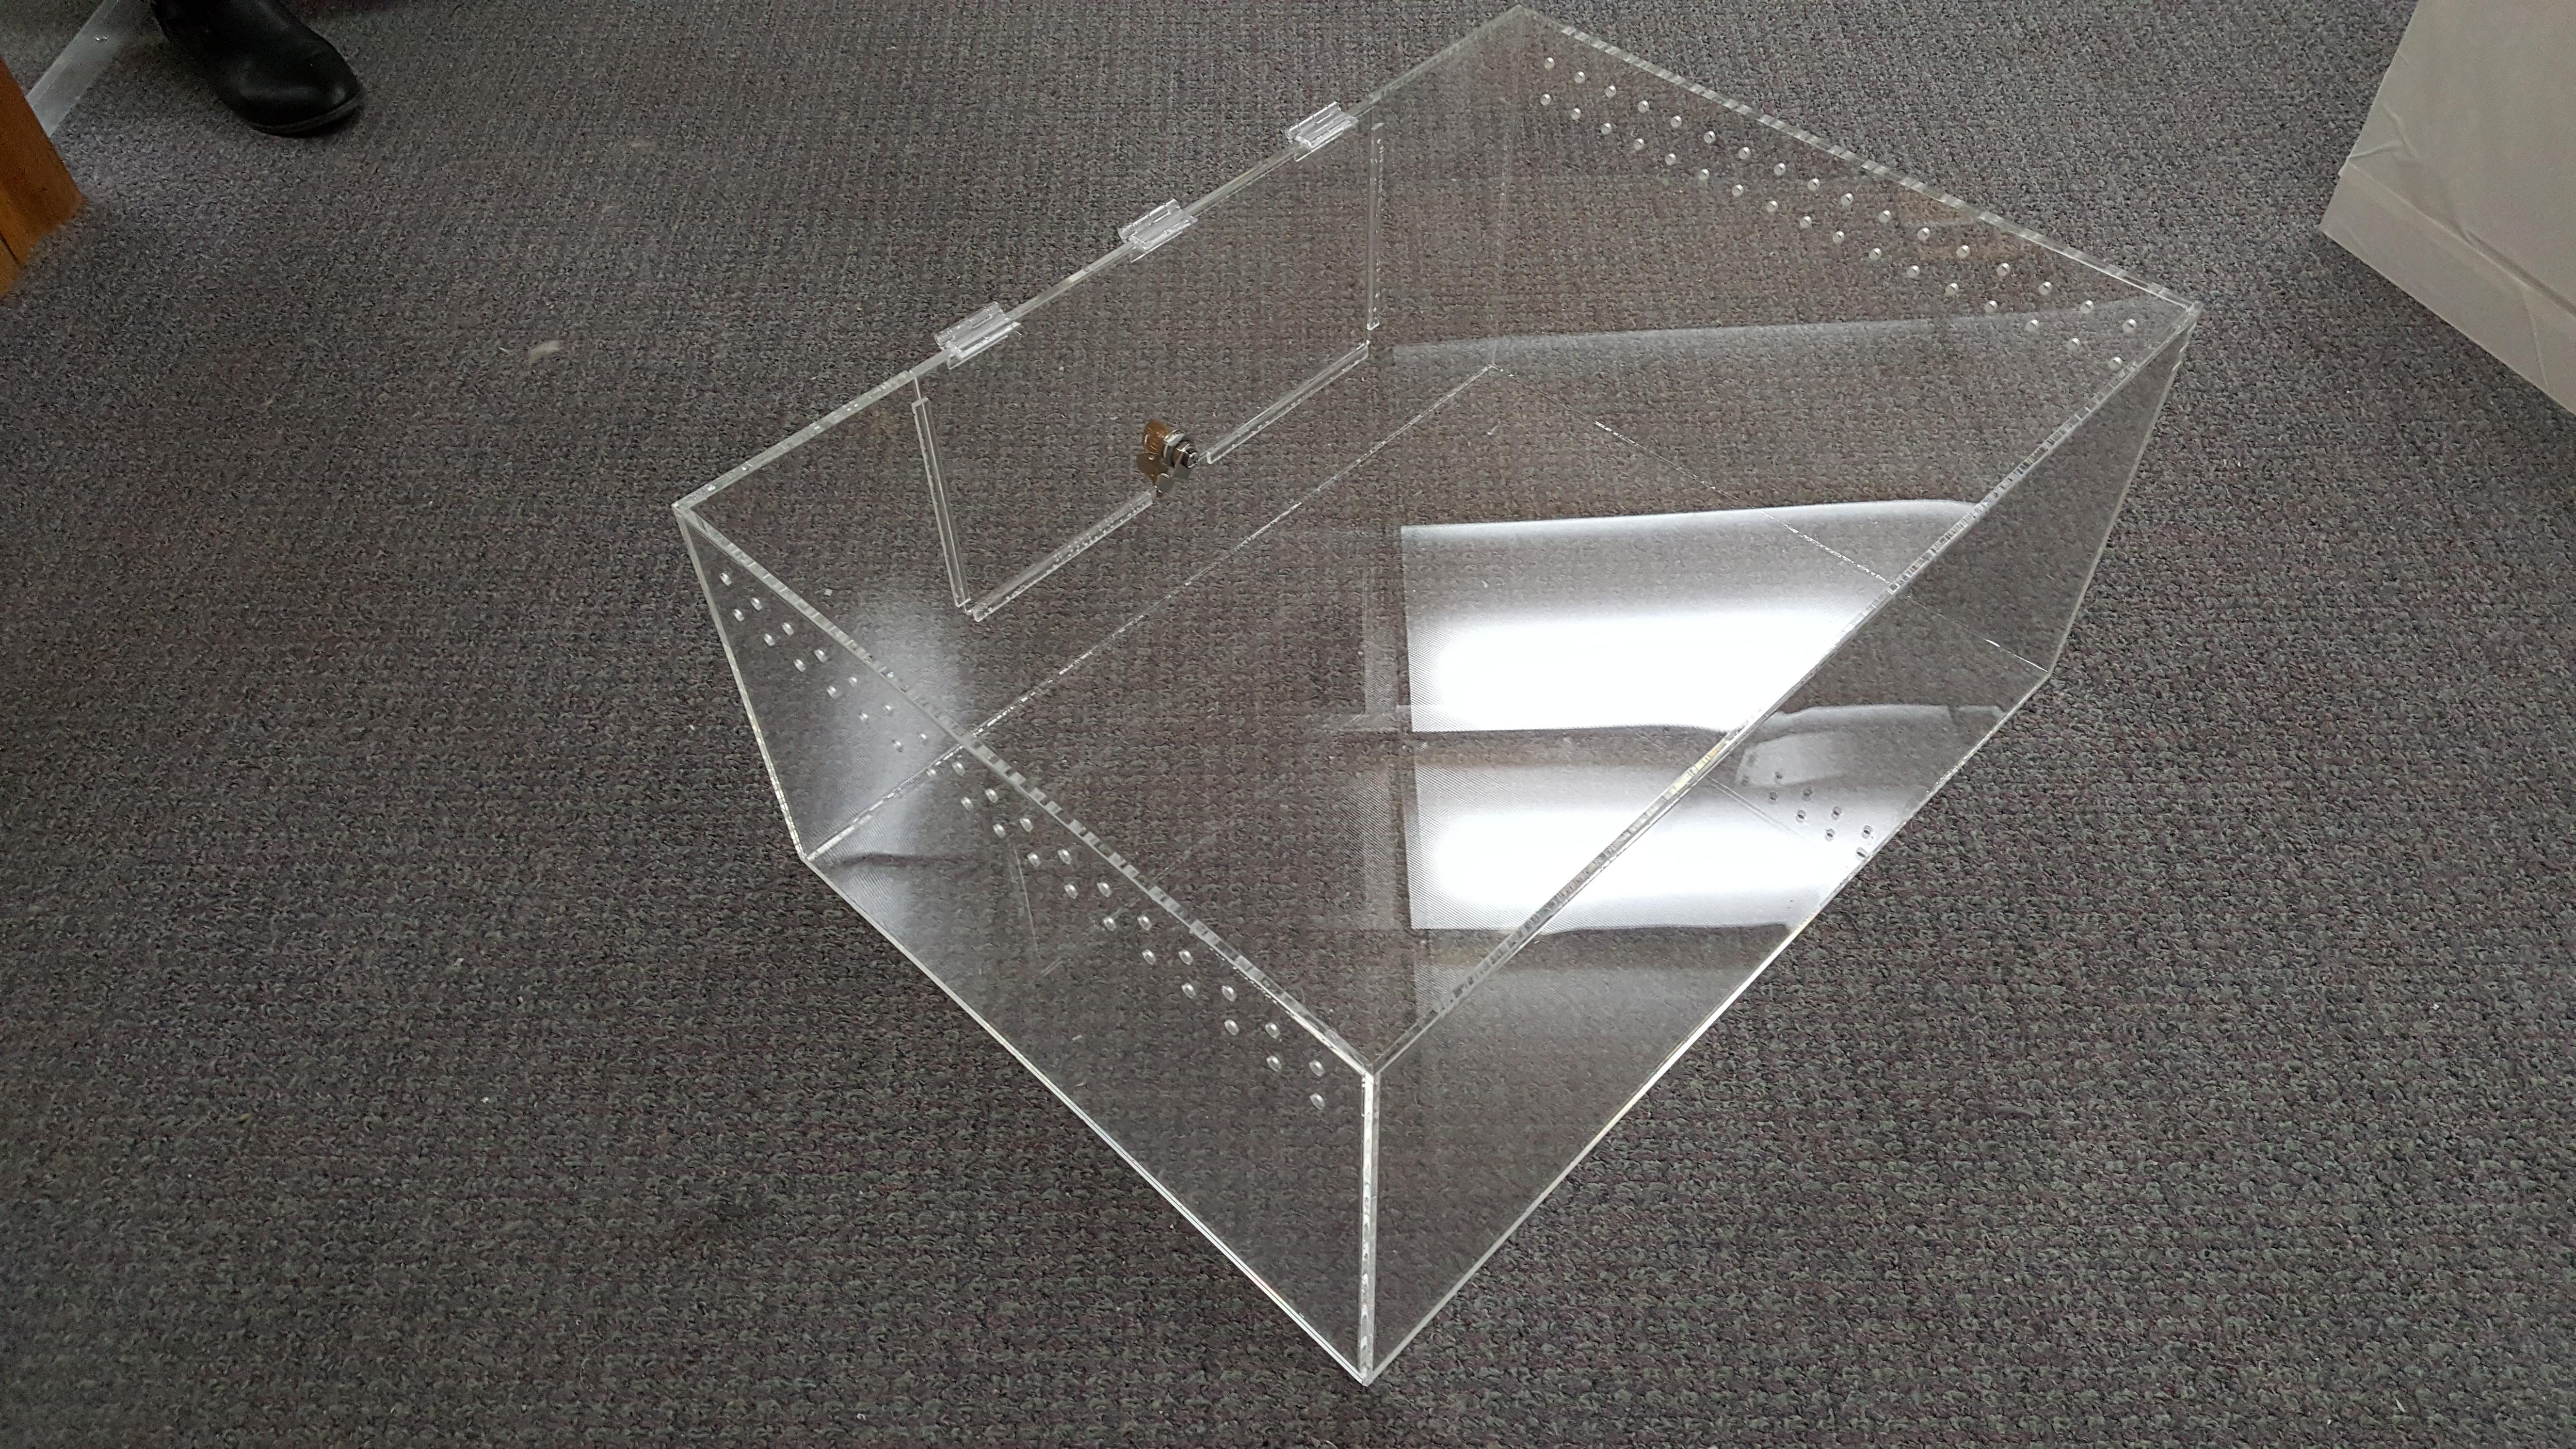 Plastic Reptile Display Box View 2